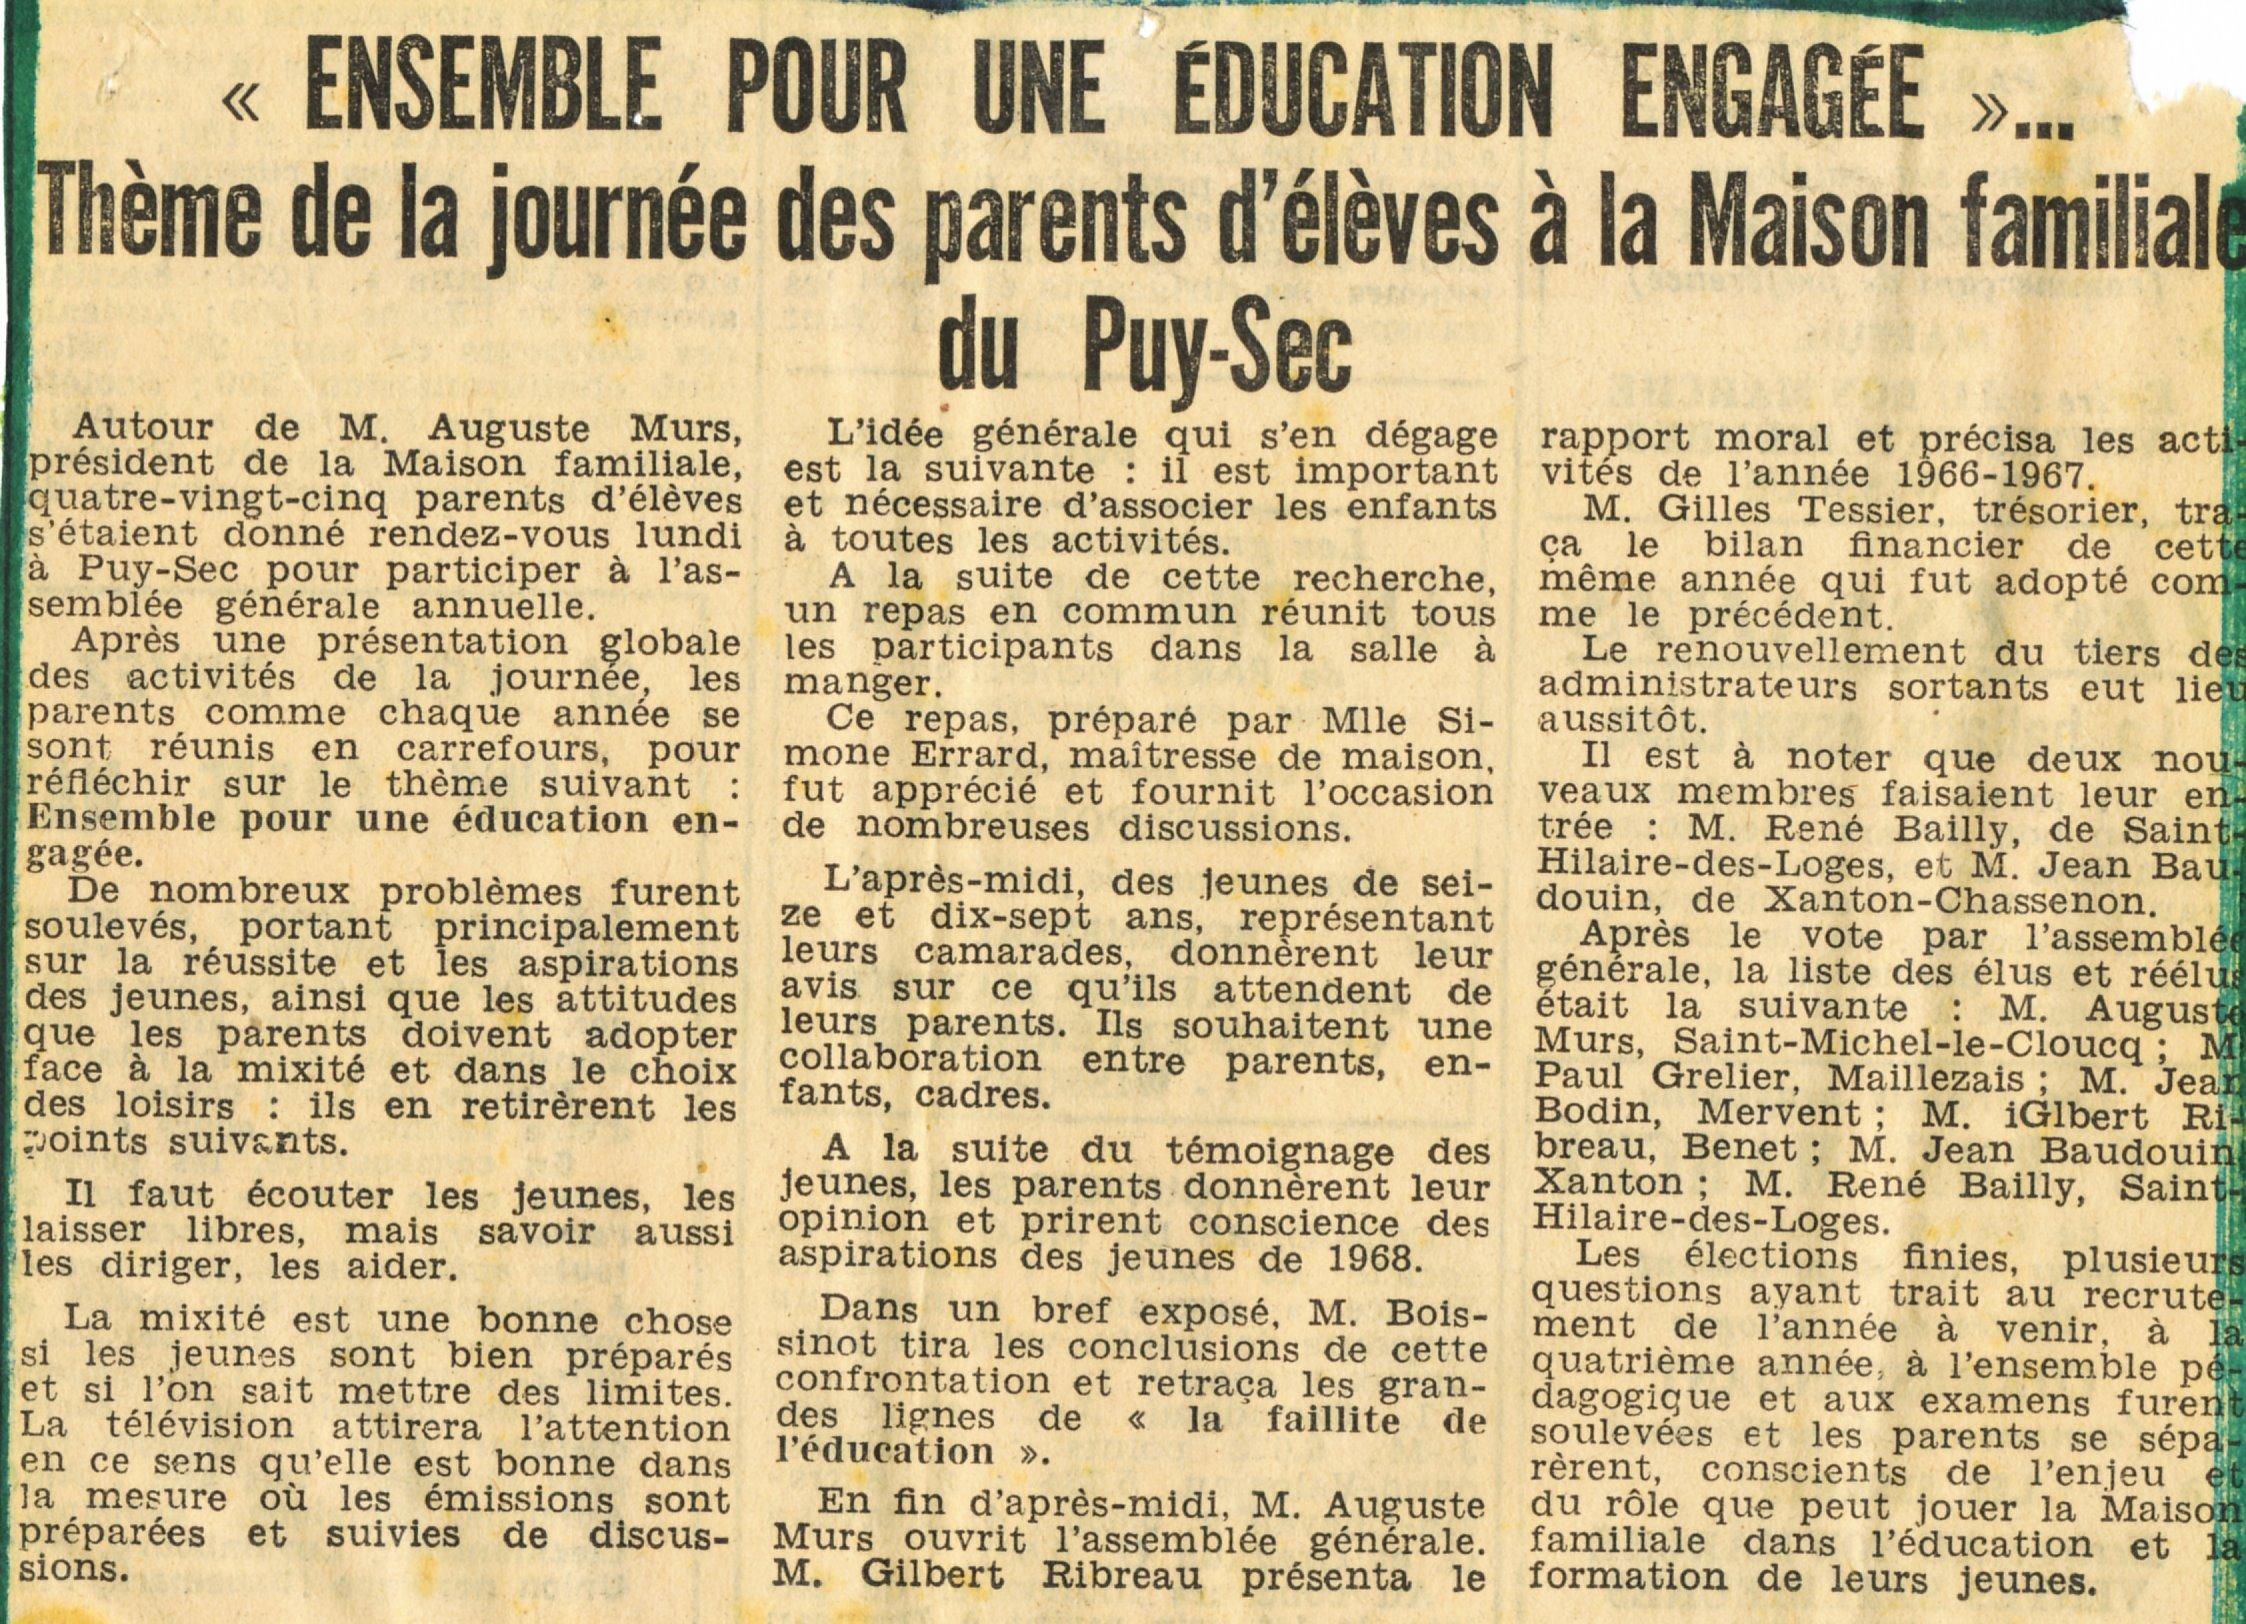 Archives anciens élèves mfr puy-sec 1967 (6)